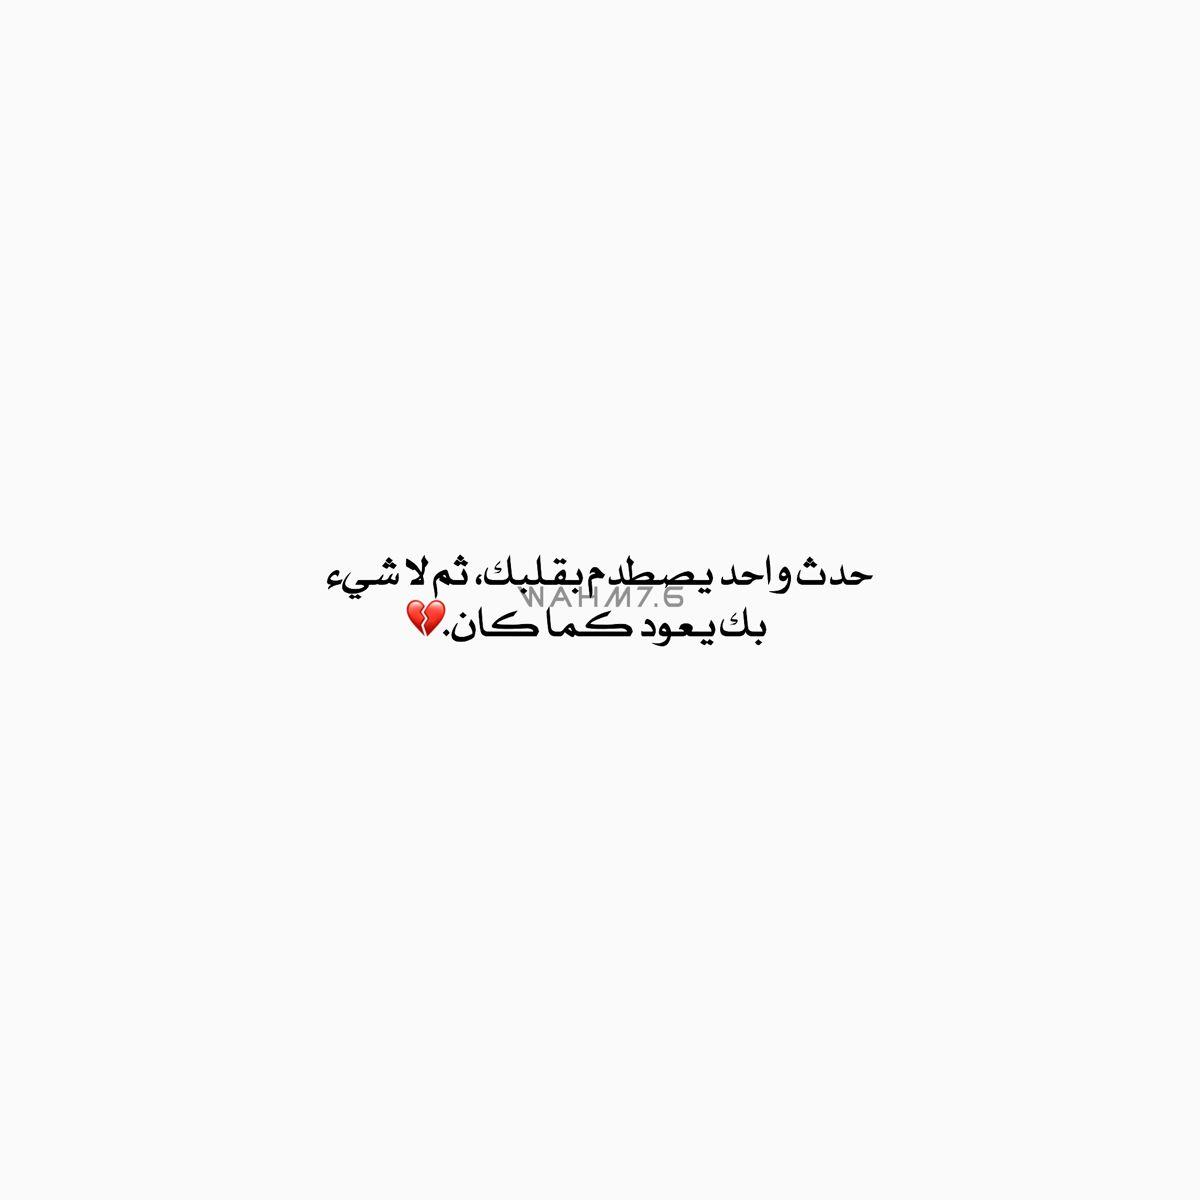 ومازال يوقظني الحنين العراق السعوديه الكويت الامارات اقتباسات كتب كتاباتي صور اغاني ست Islamic Love Quotes Words Quotes